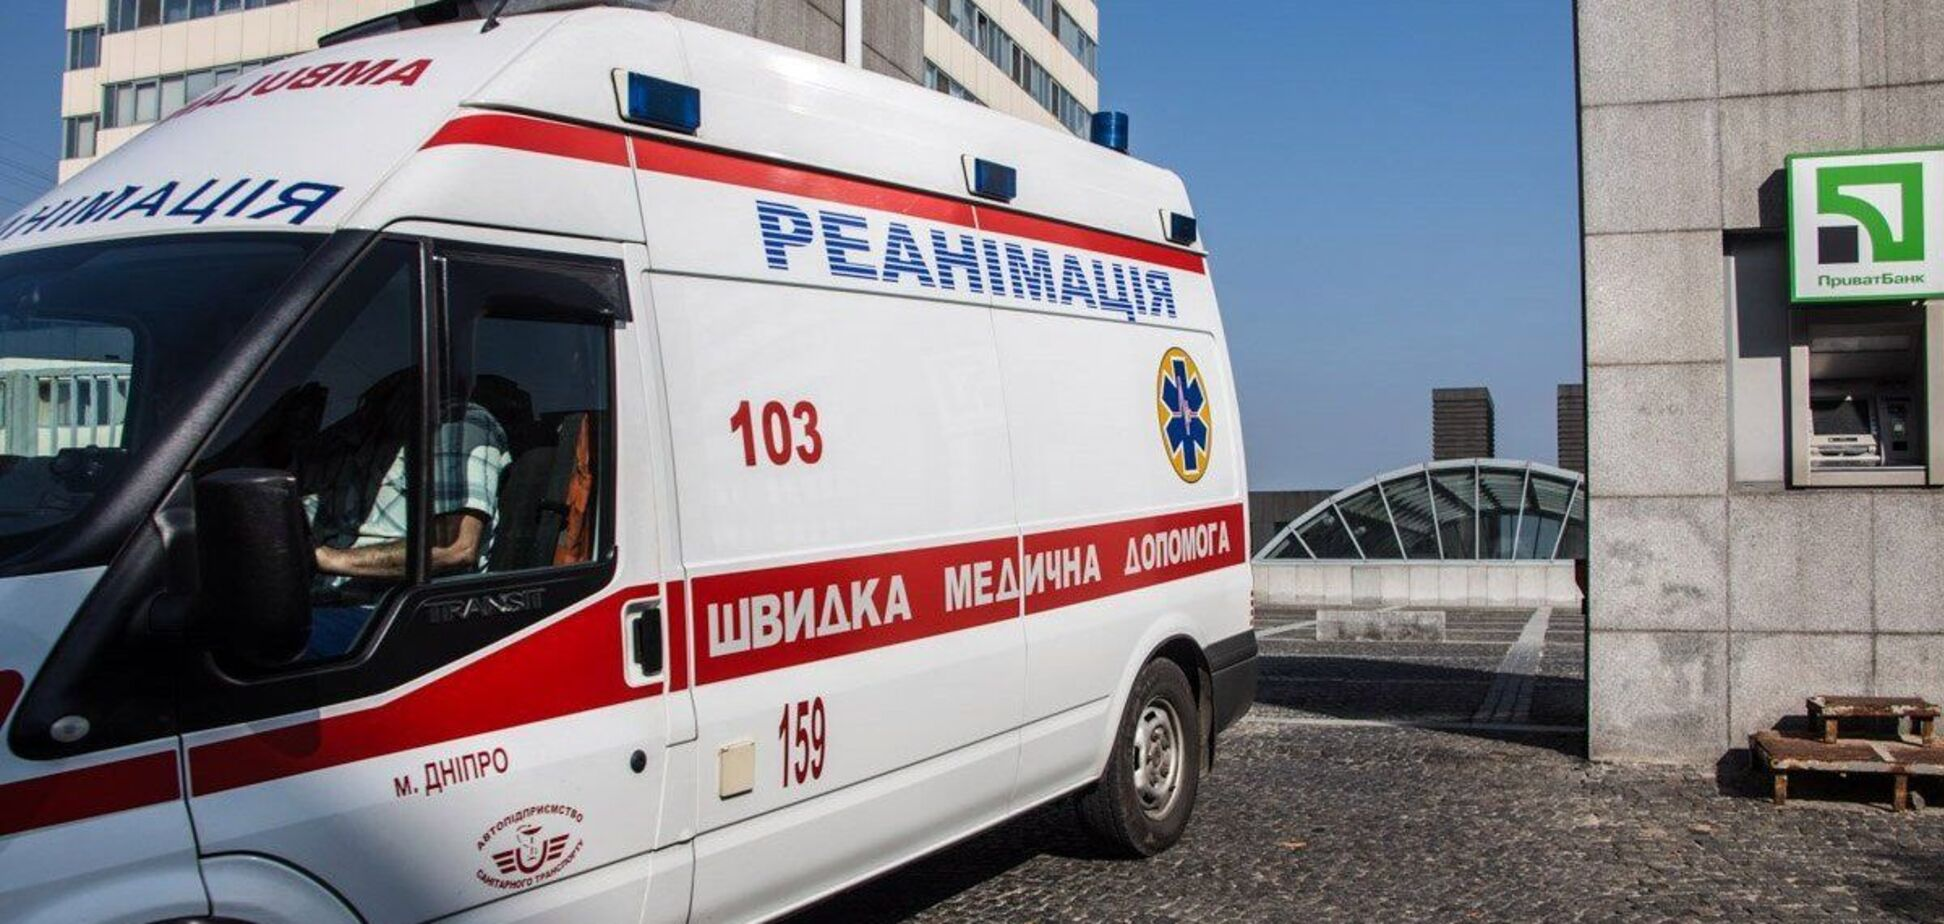 В Днепре в квартире многоэтажки нашли мертвыми двух молодых женщин